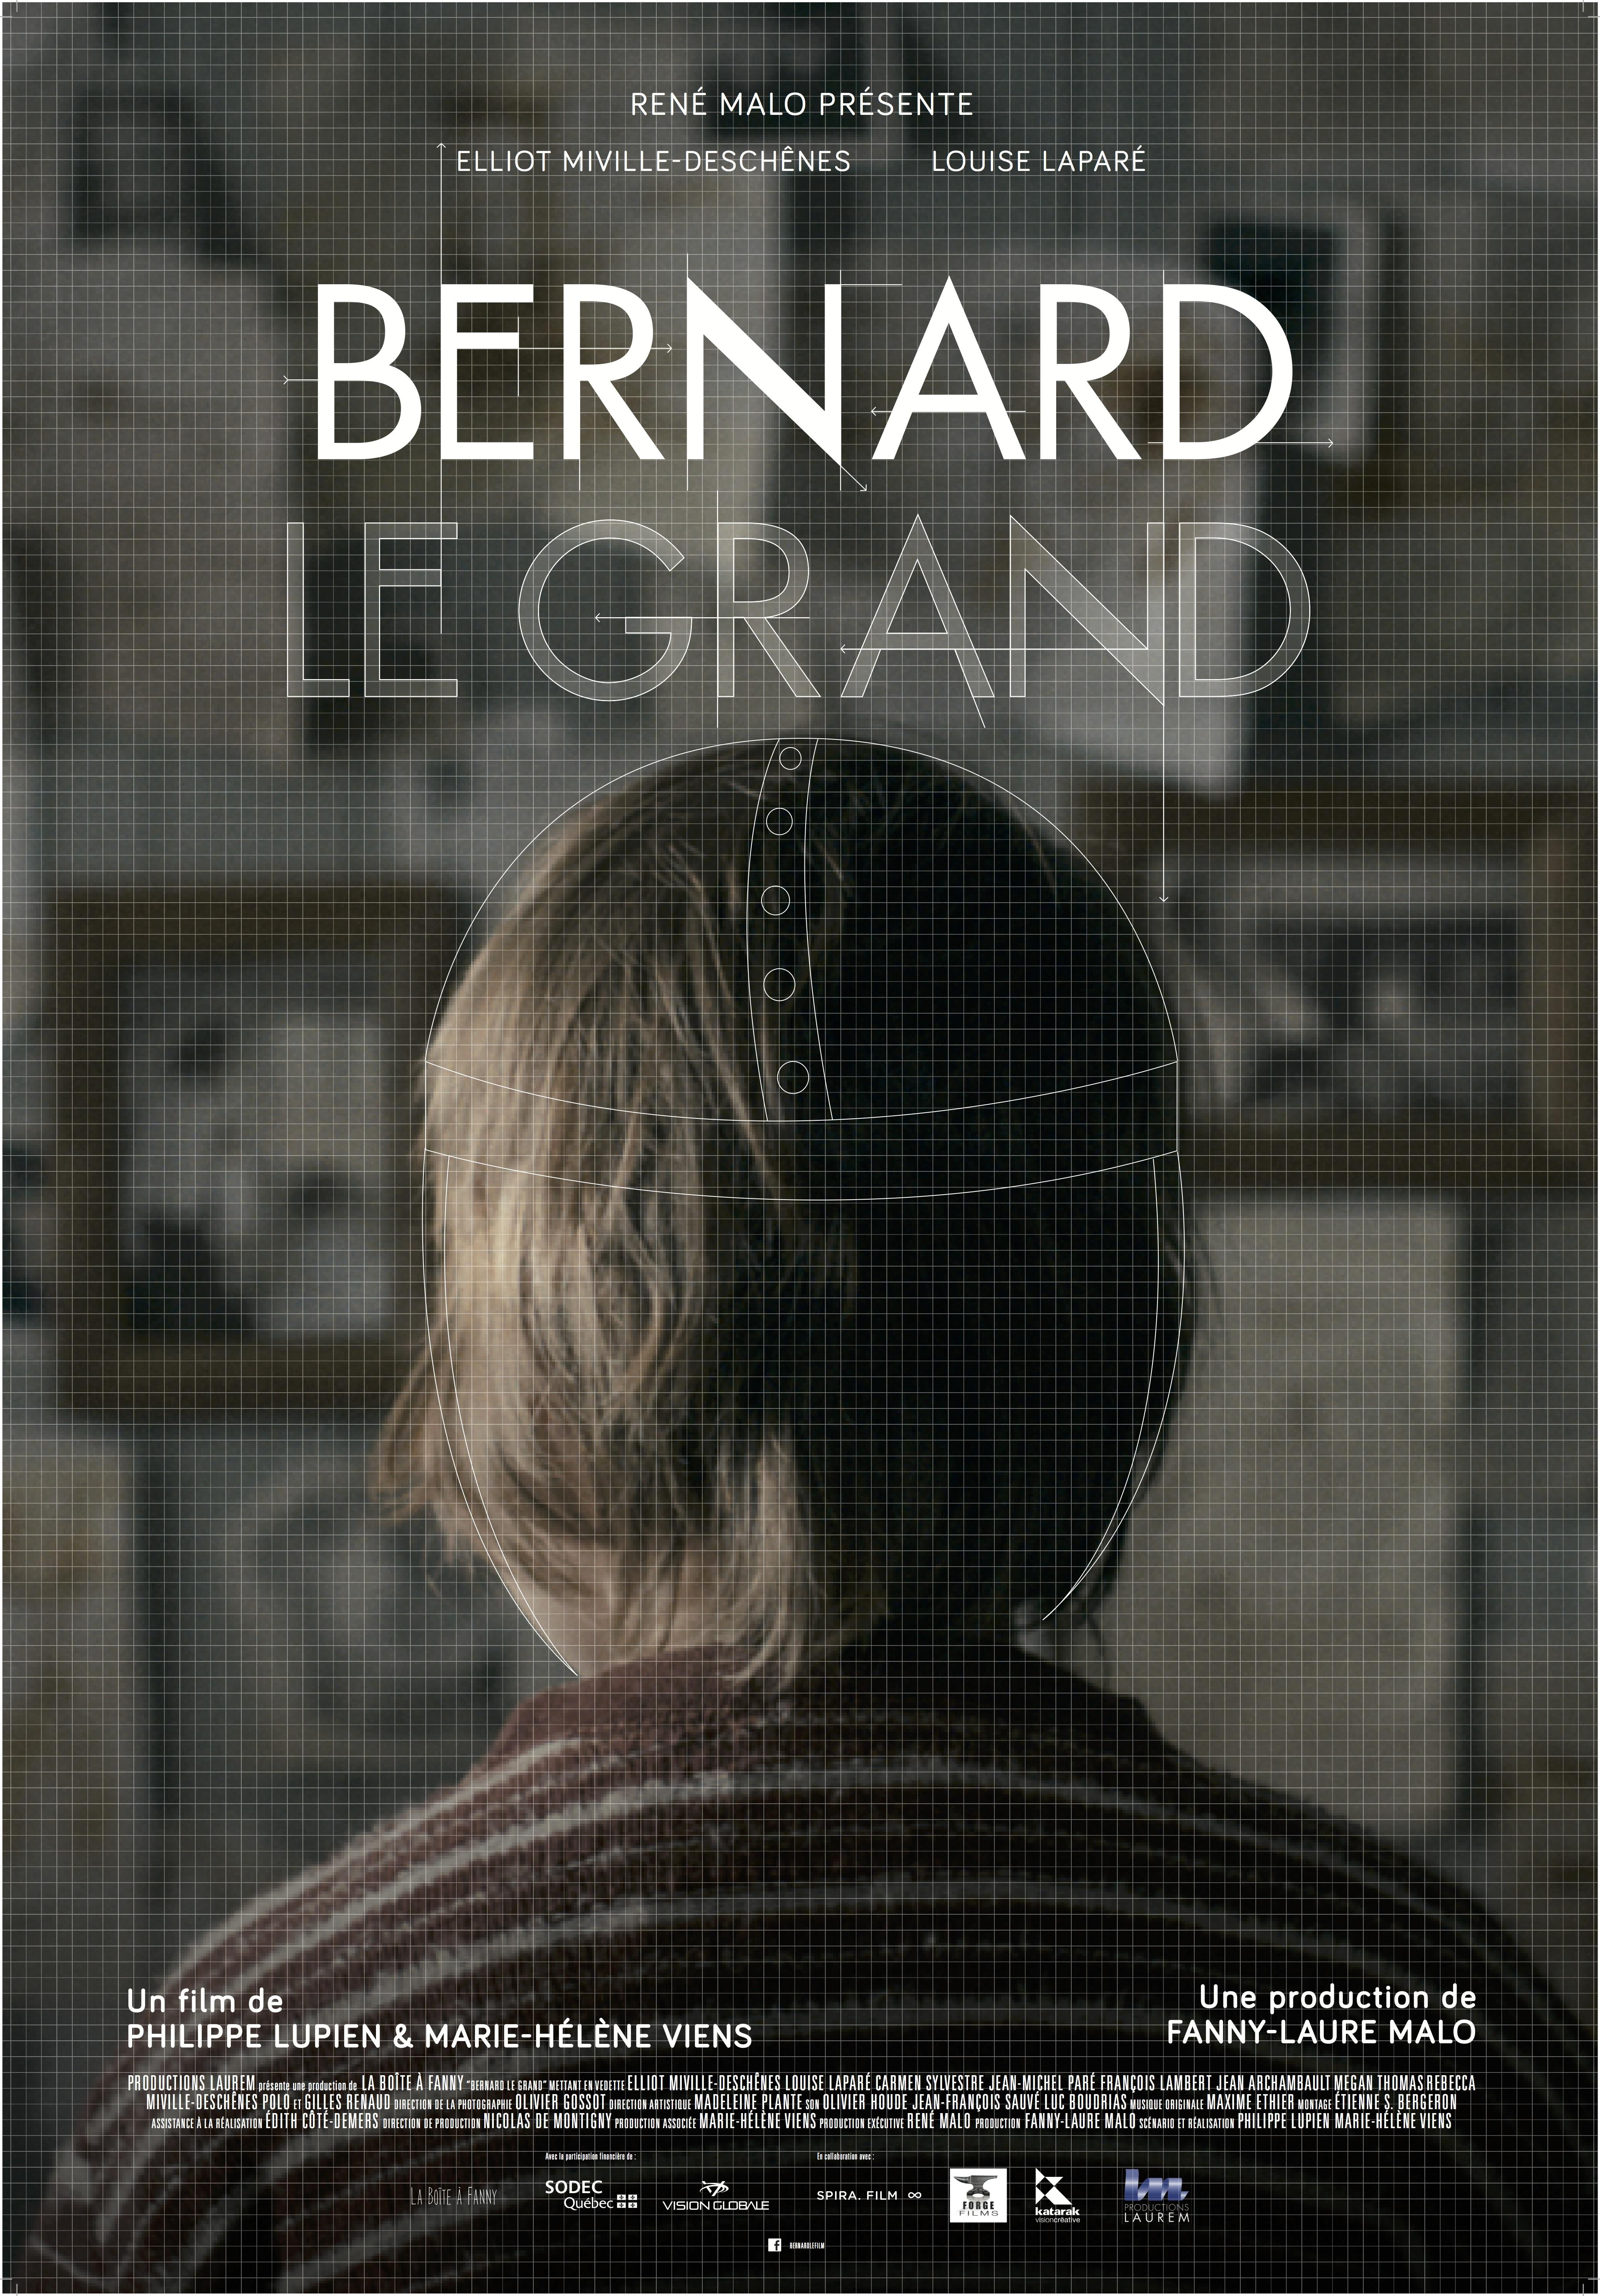 Bernard le Grand